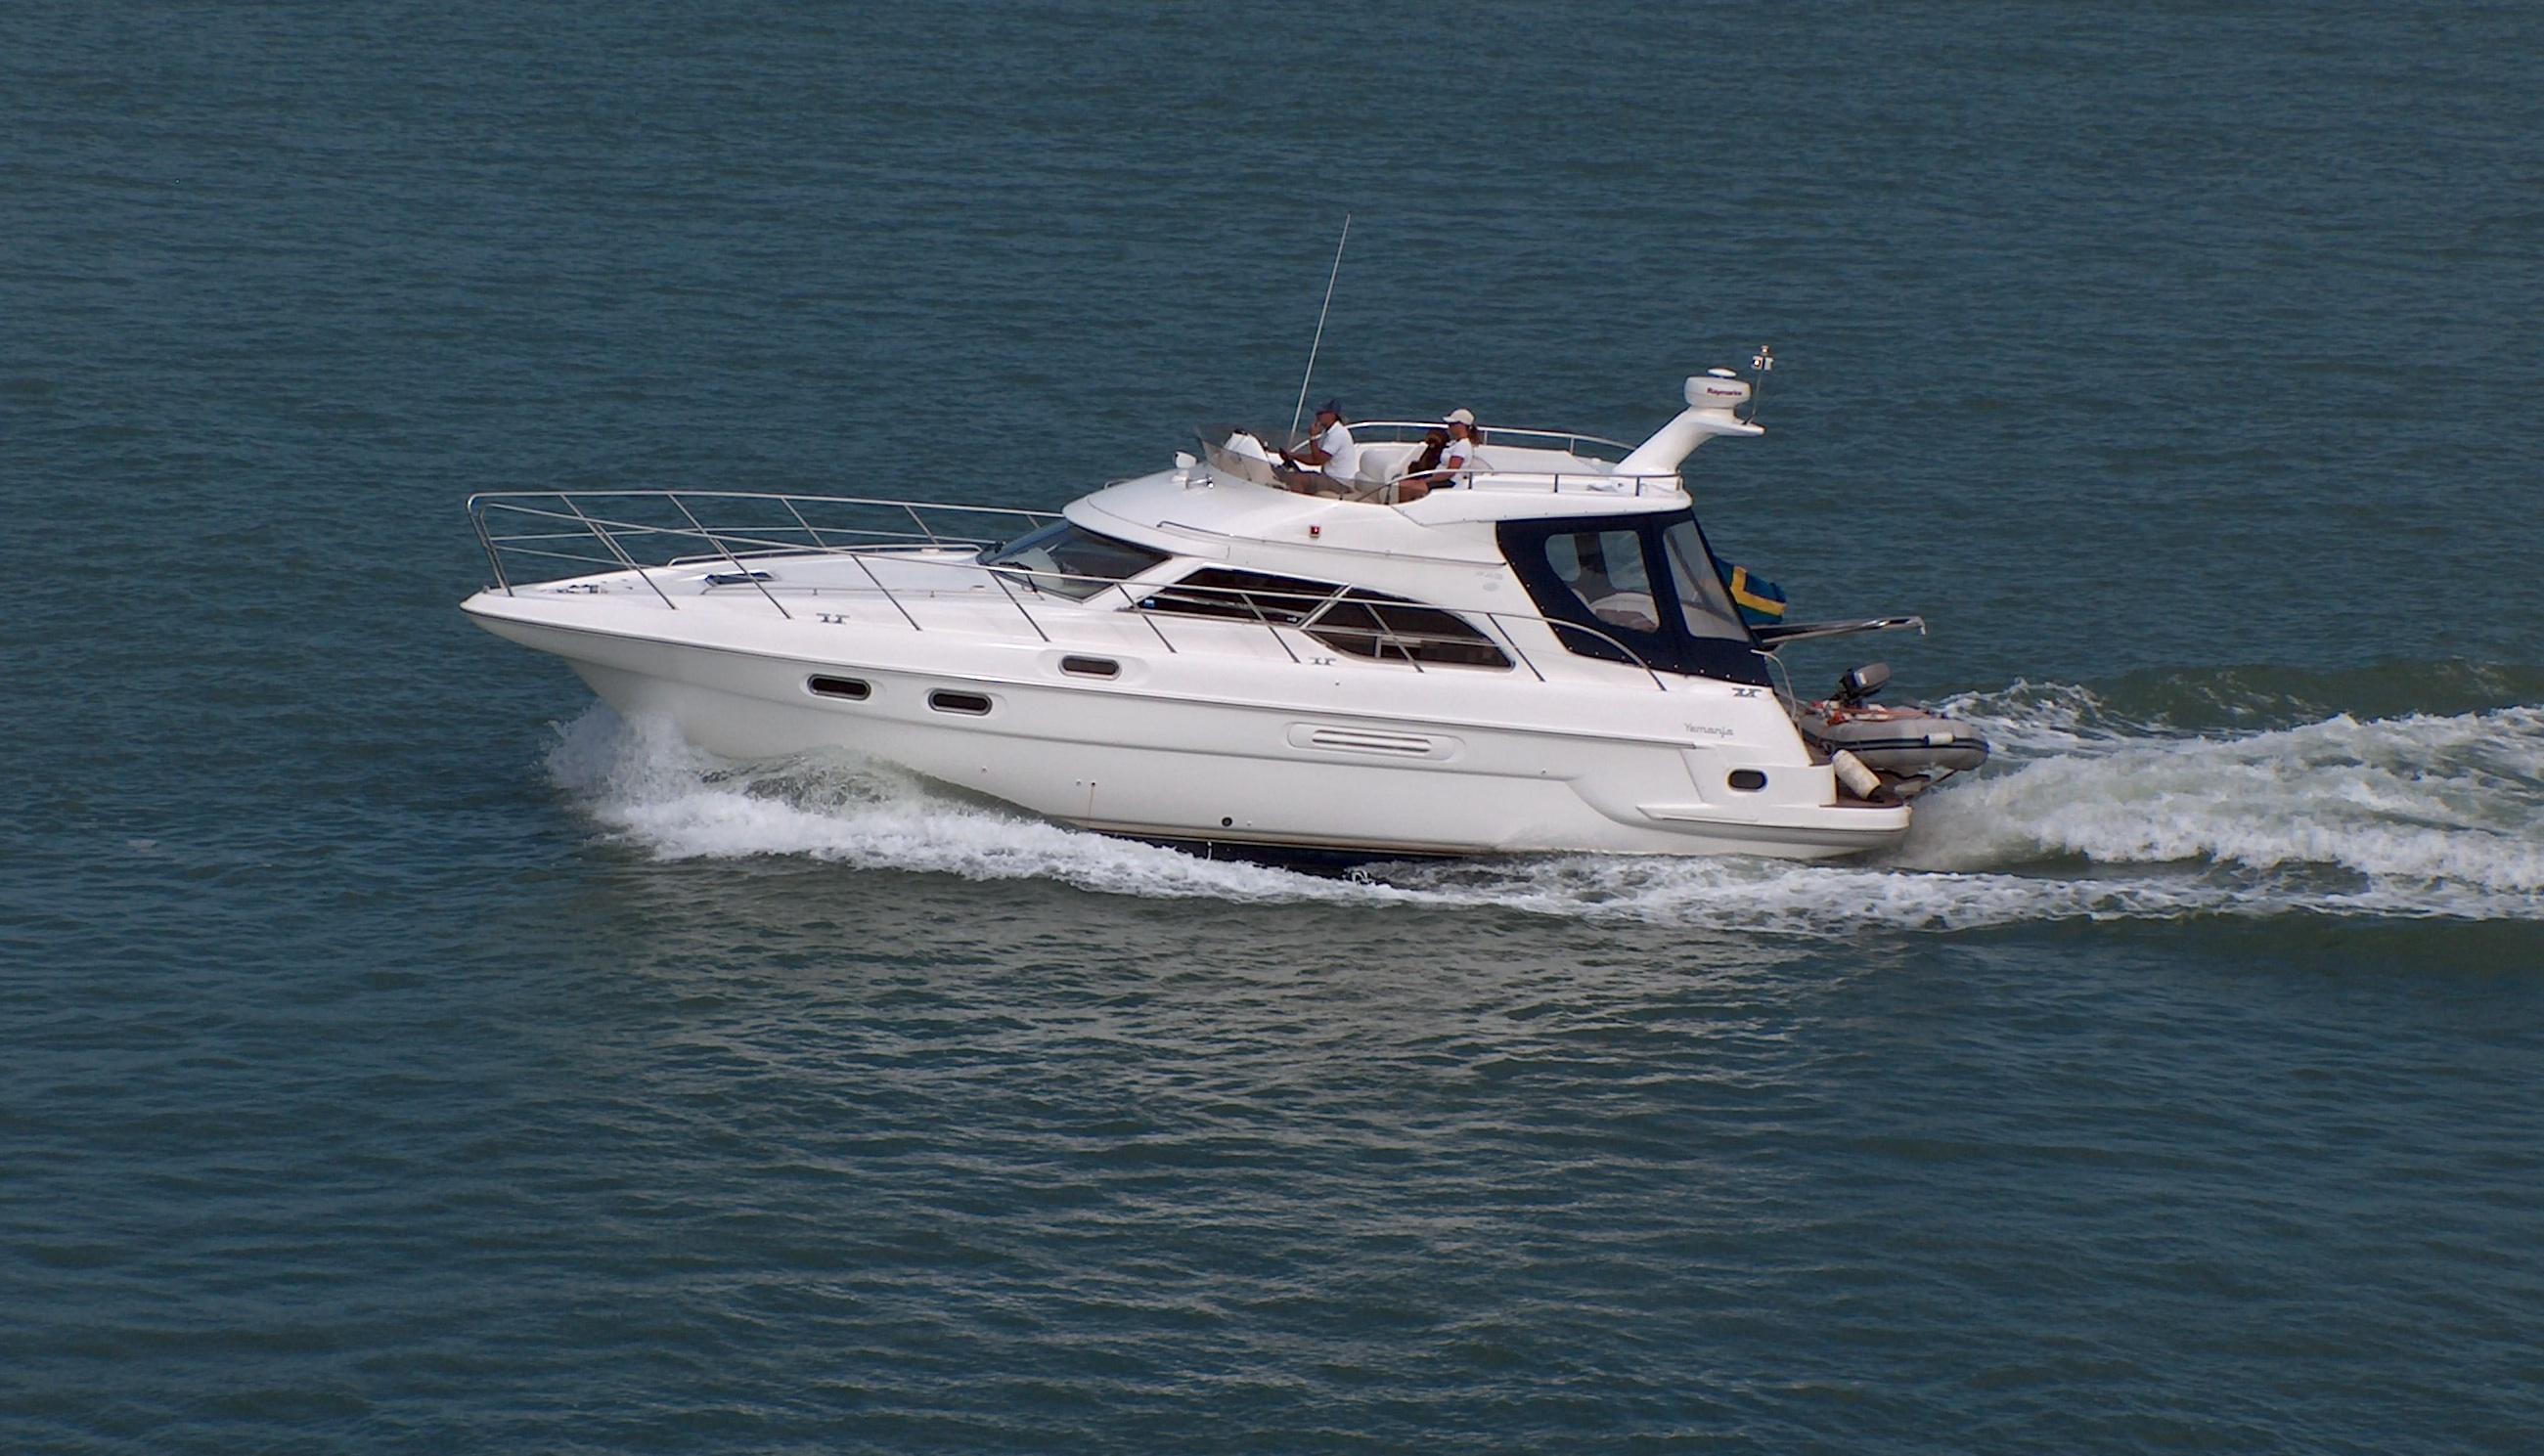 Motoryacht auf dem Wasser